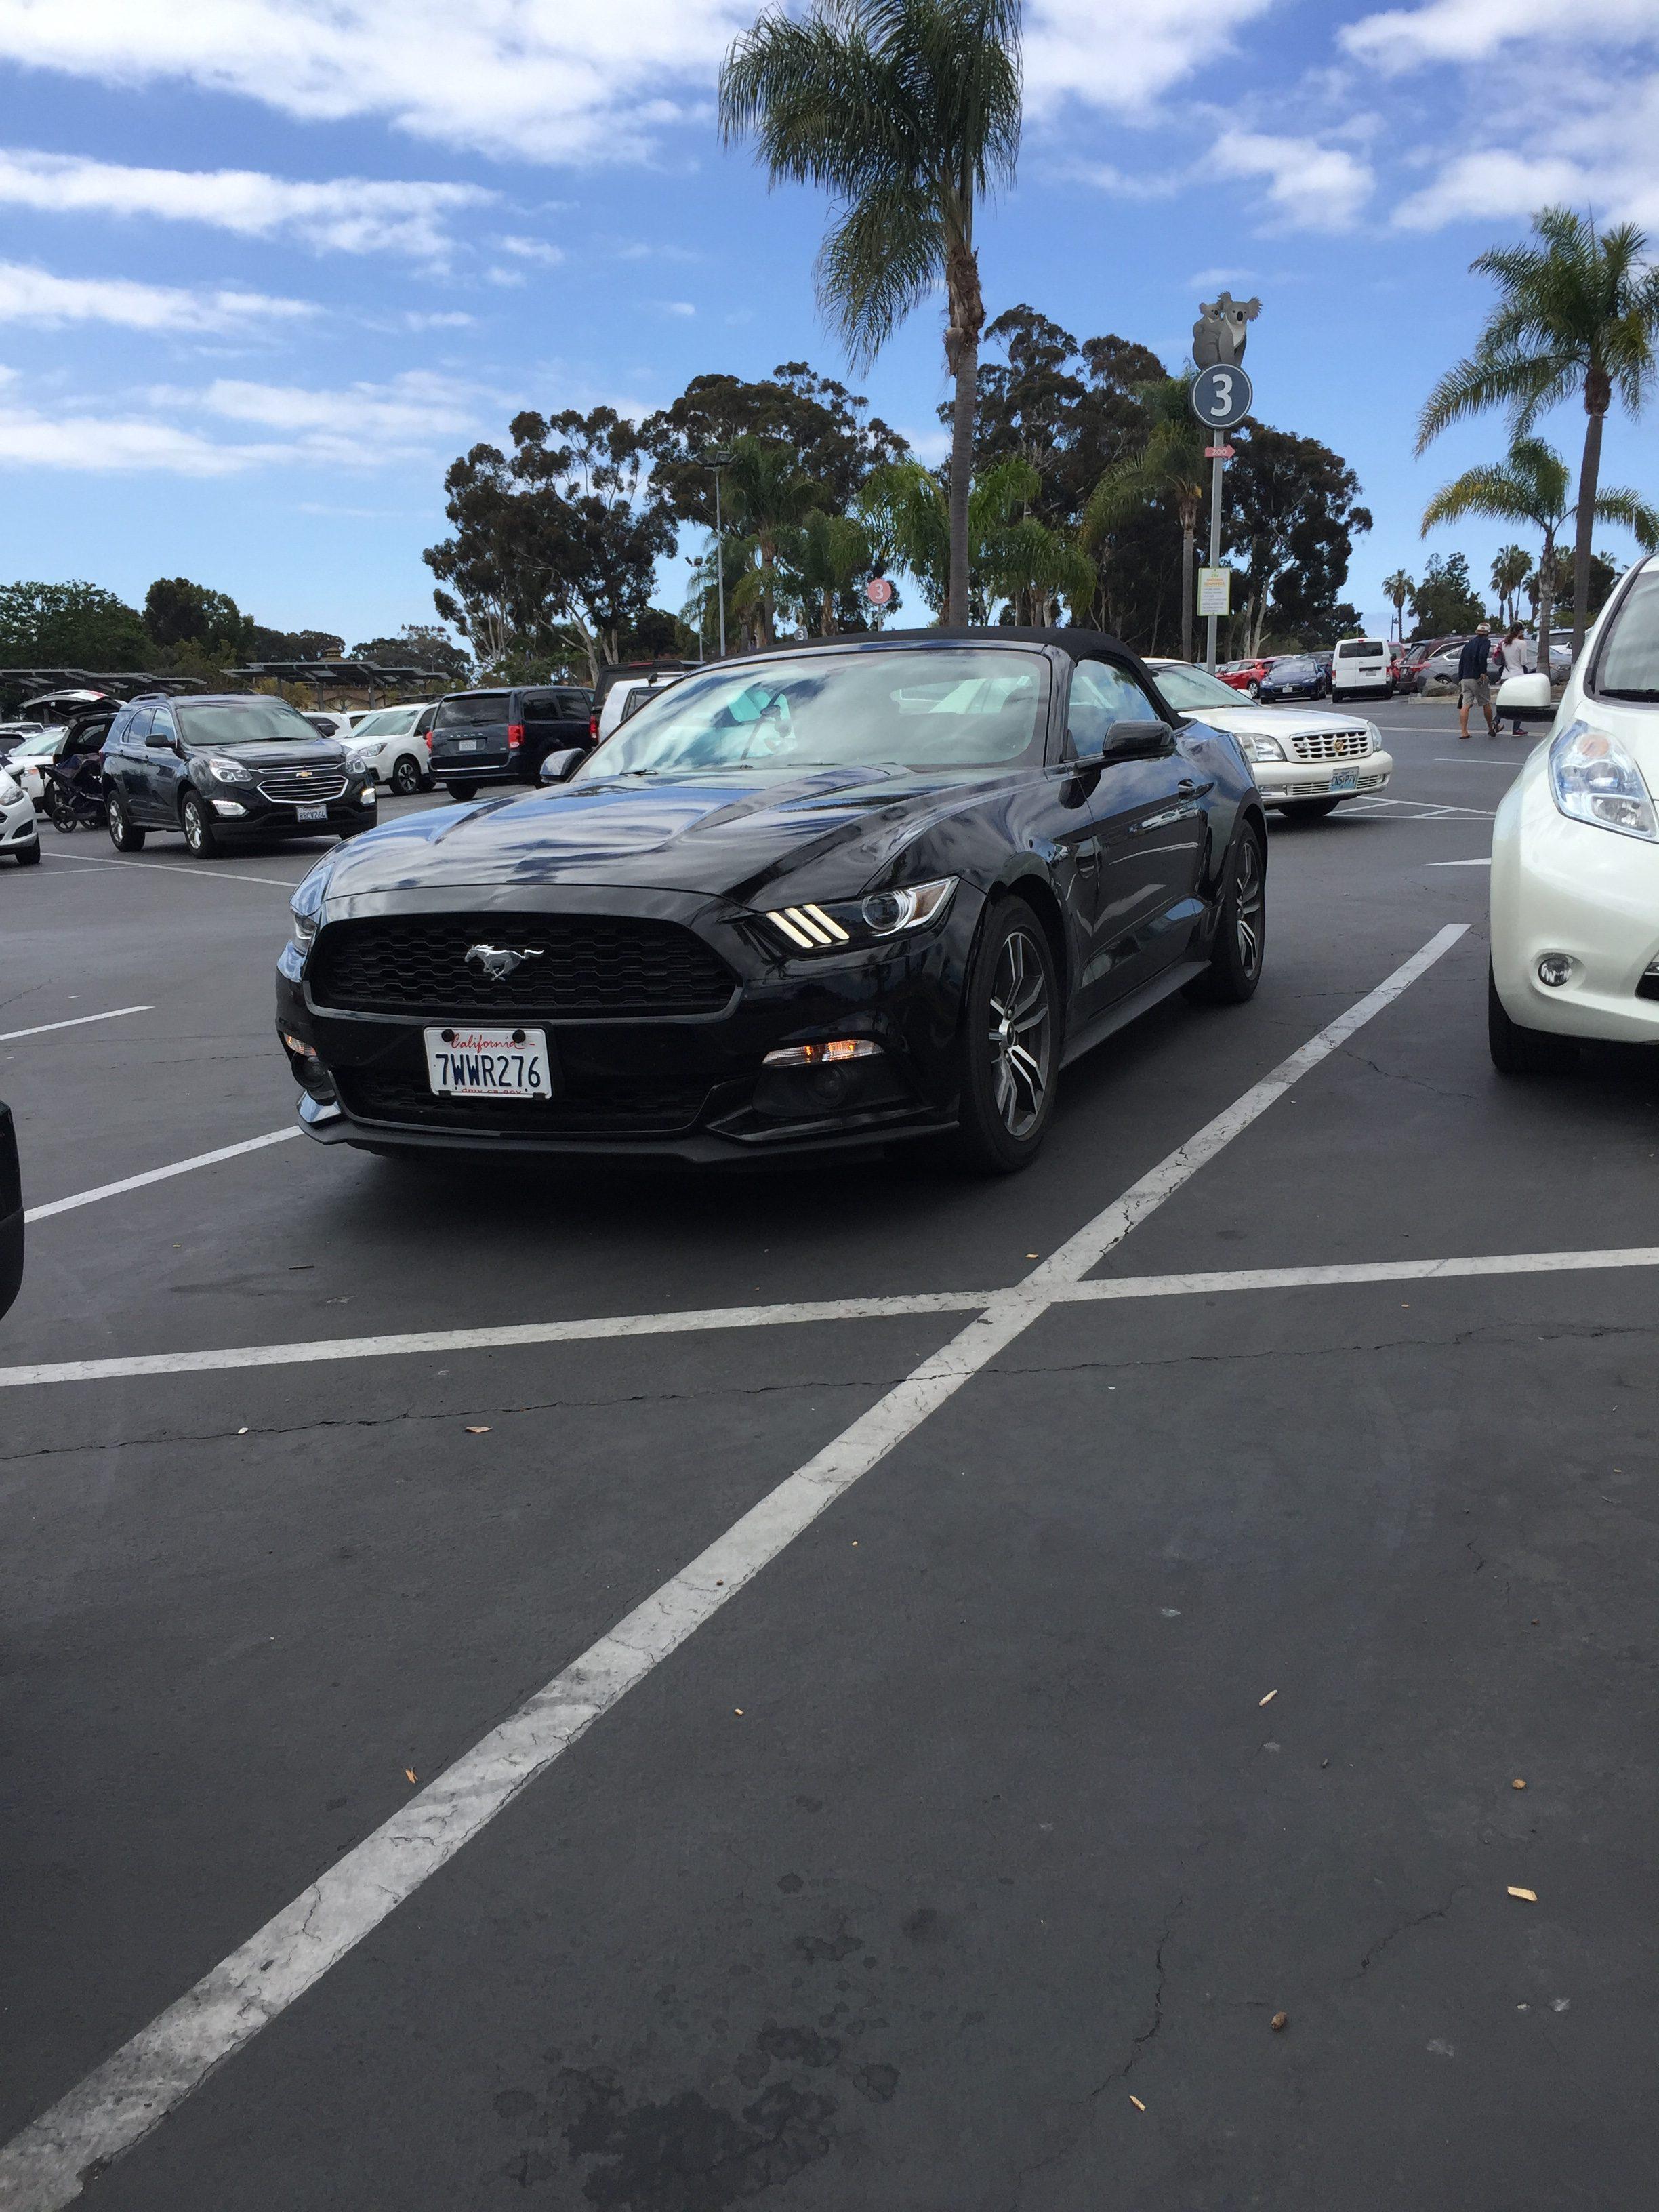 Ford Mustang lejebil